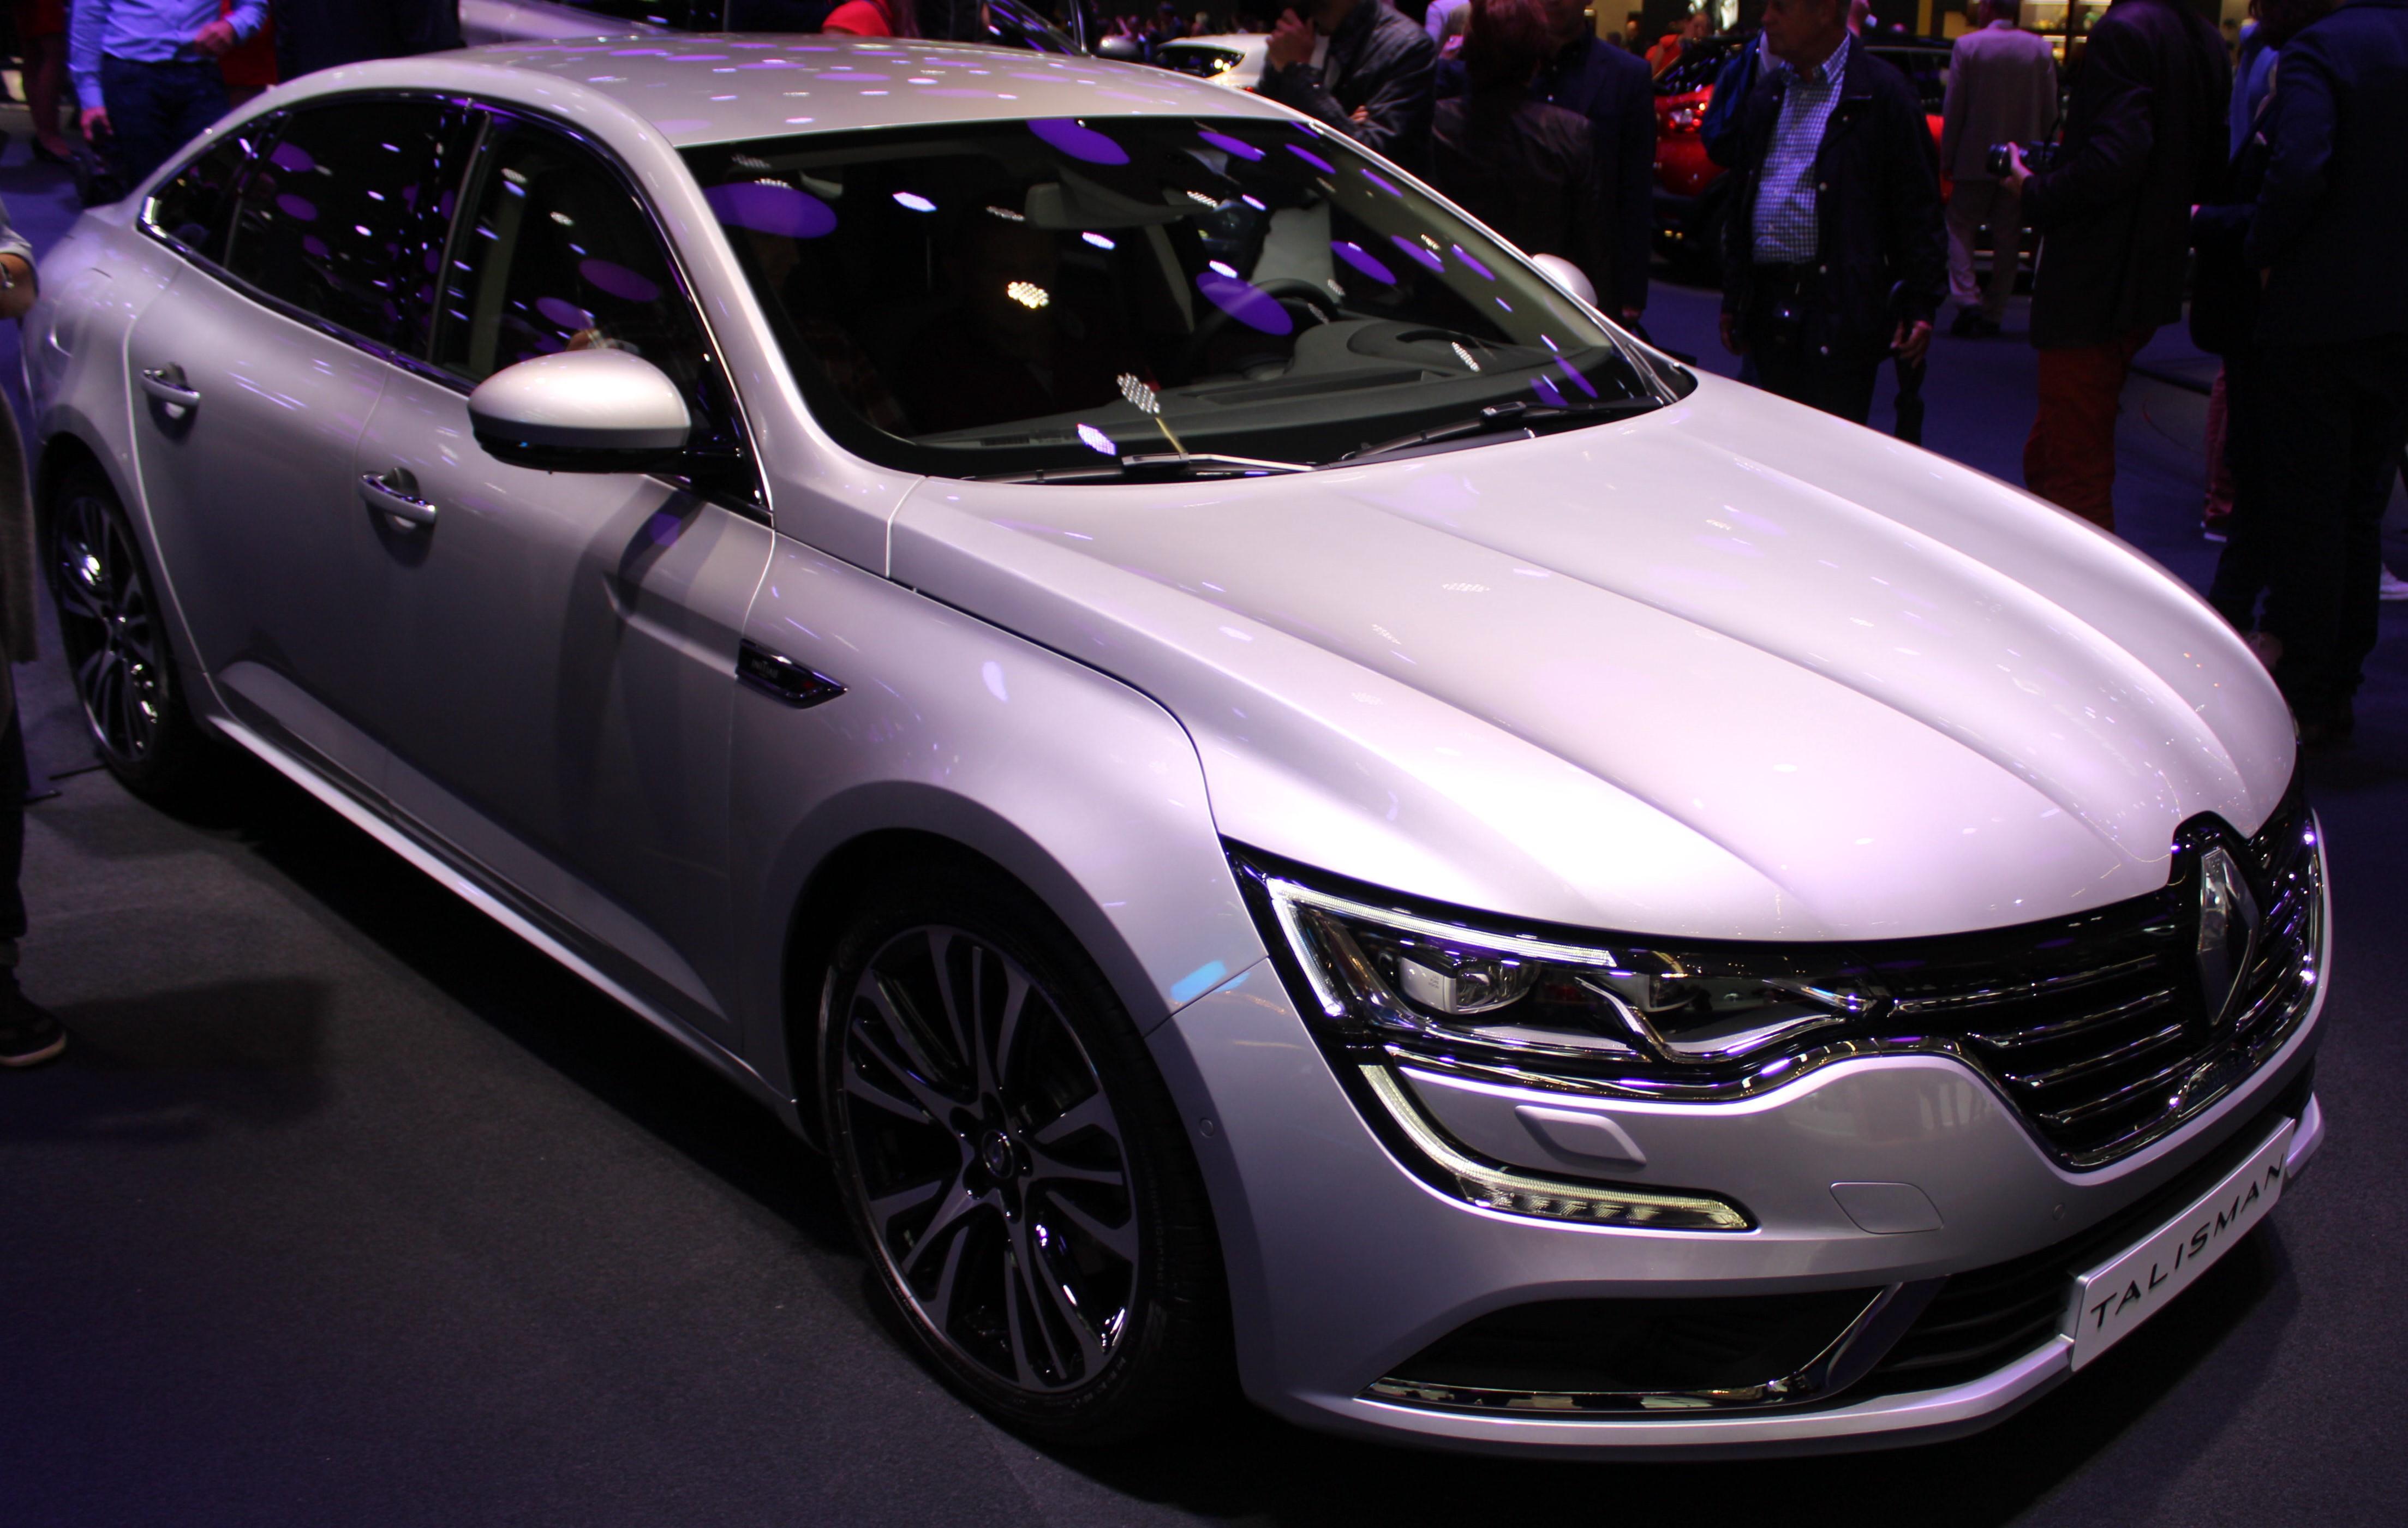 Välformade mellanklassaren Talisman ser ut att bli ett lyft för krisdrabbade Renault. Bensin- och dieselfyror över hela linjen. Dubbelkopplingslåda är standard i vissa versioner. Upp till 200 hk. Inga sexor erbjuds som modet idag föreskriver.